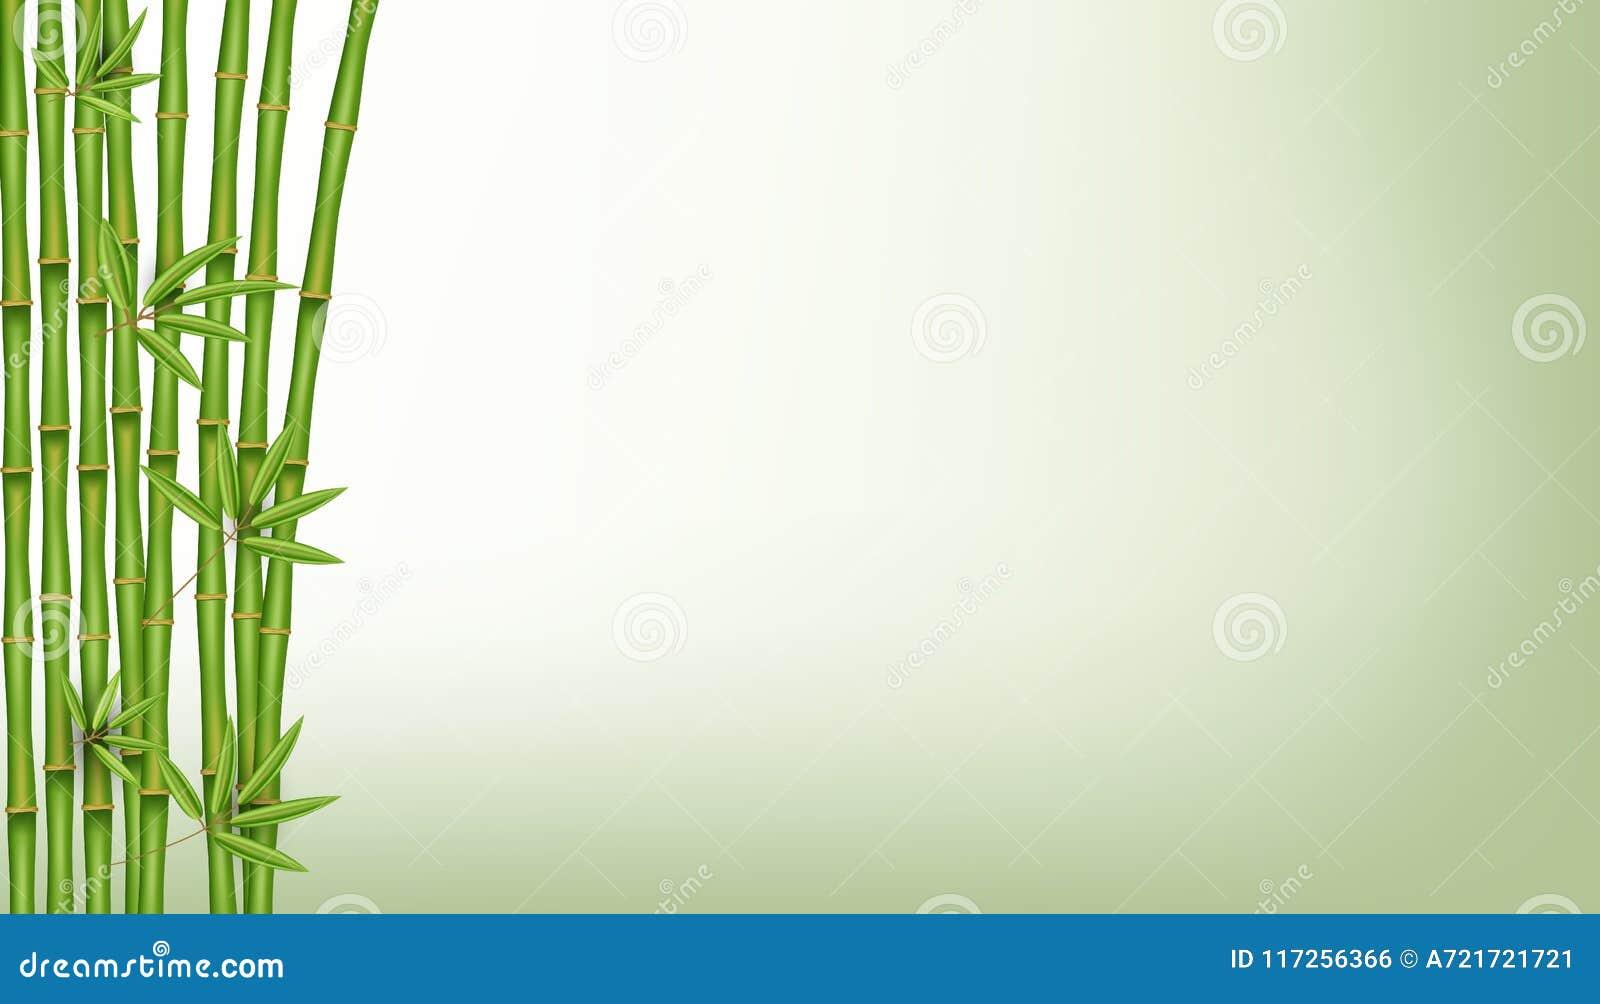 Kreatywnie wektorowa ilustracja chiński bambusowy trawy drzewo Tropikalny azjatykci rośliny sztuki projekt Abstrakcjonistyczna po